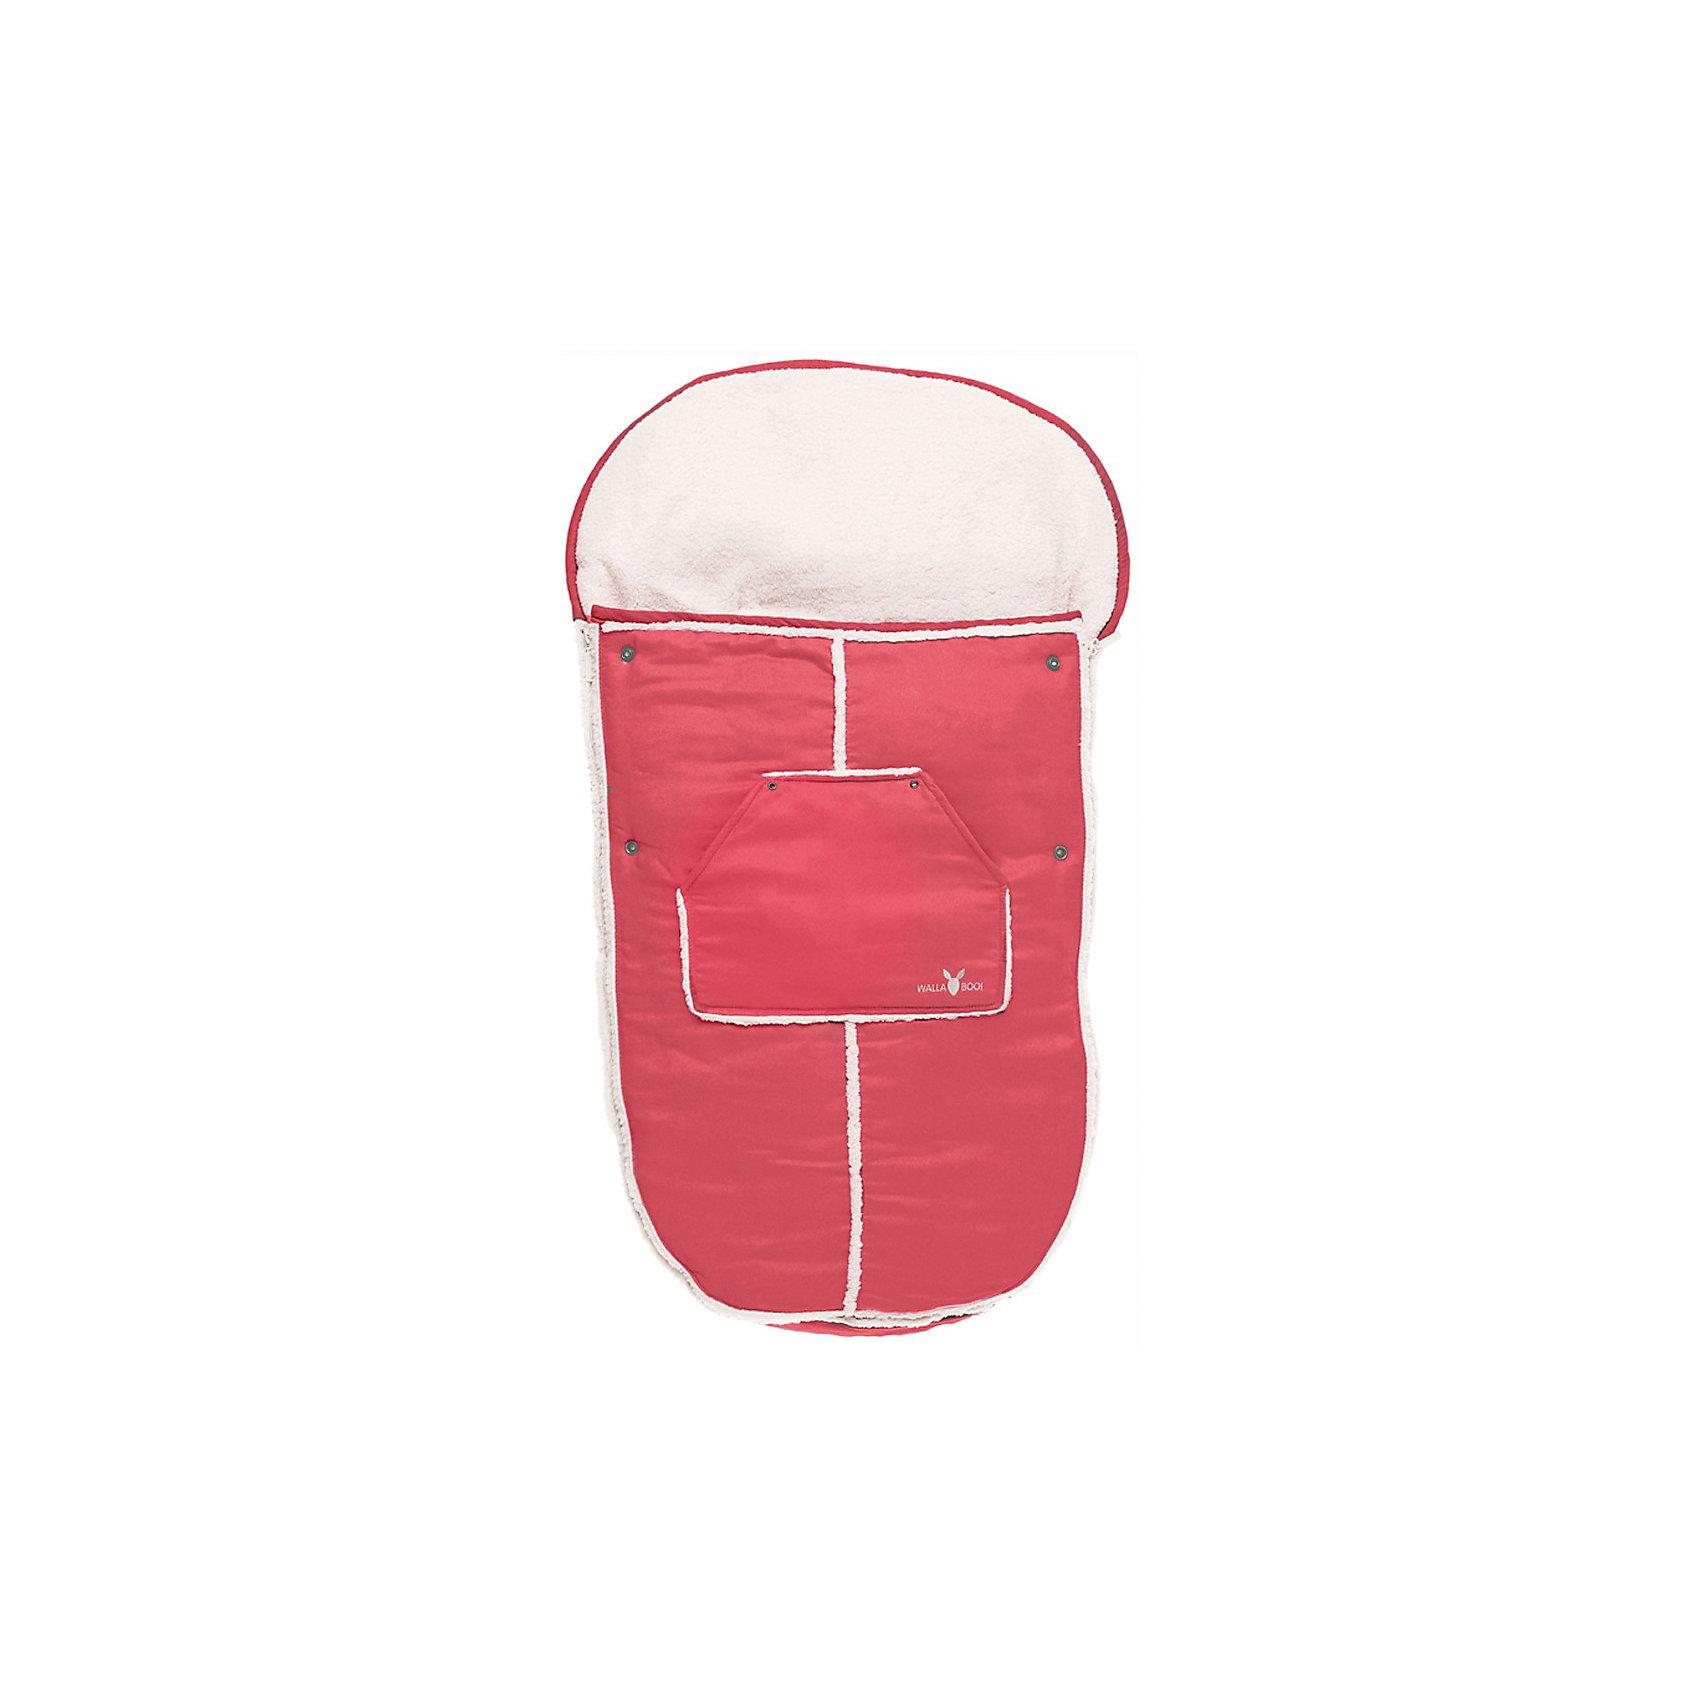 Конверт в коляску от 0-36 мес., Wallaboo, красный